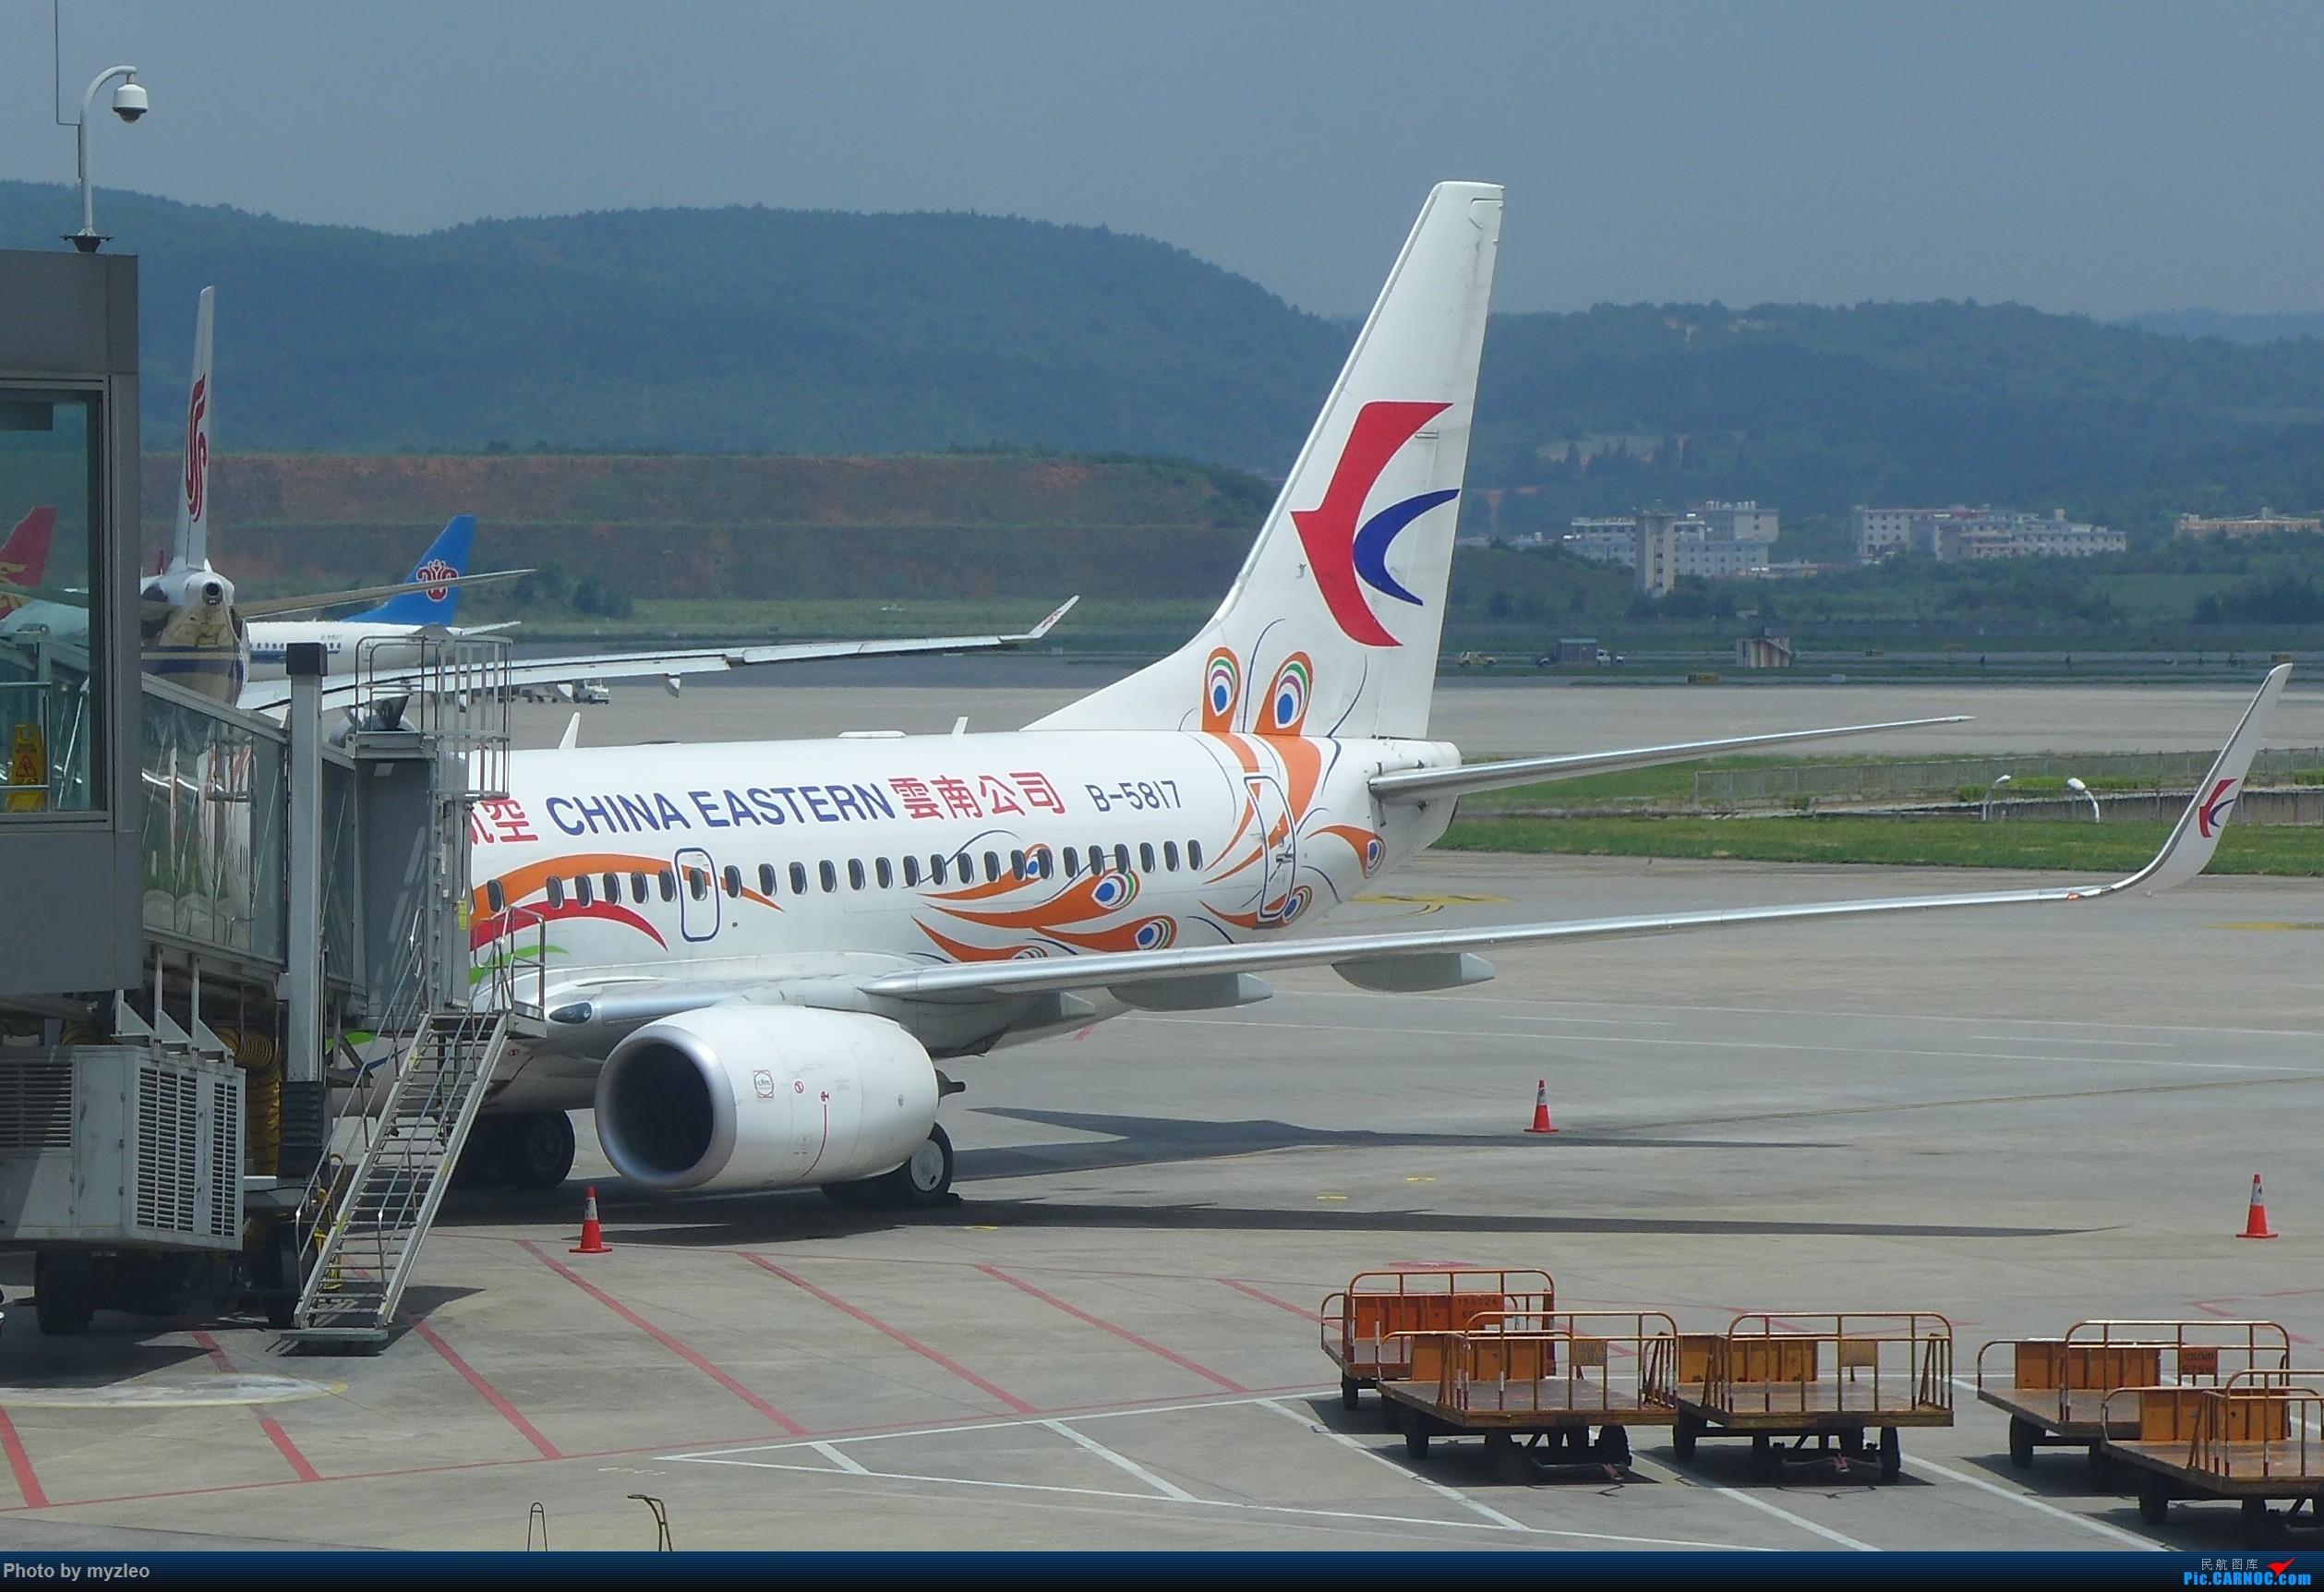 Re:[原创]【myzleo的游记2.1】昆洱风光(1)——SHA-KMG上航商务舱再体验+人在昆明 BOEING 737-700 B-5817 中国昆明长水国际机场